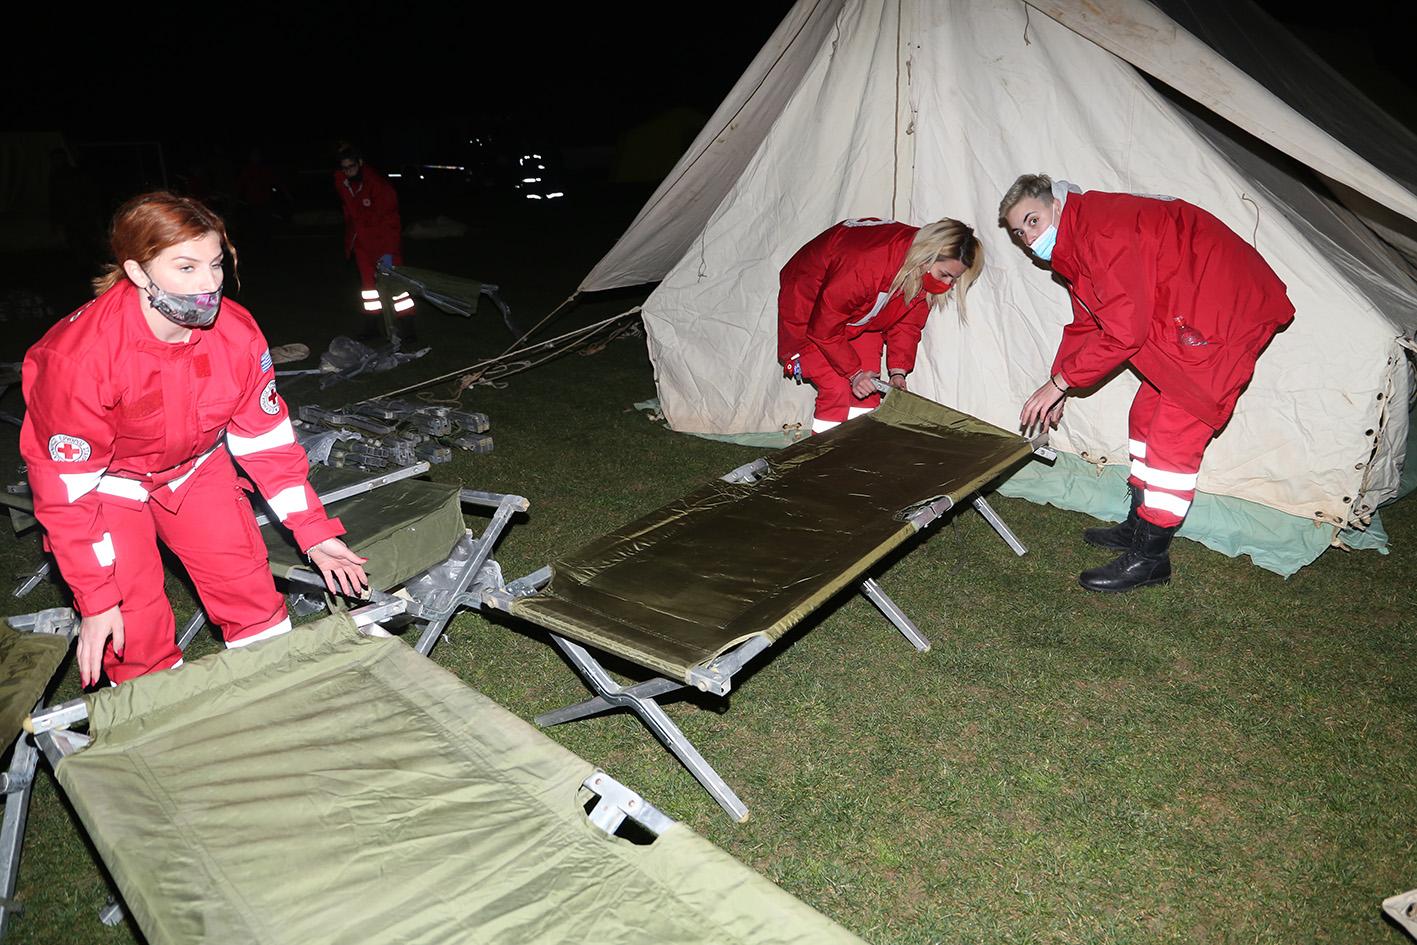 Σεισμός – Δαμάσι: Διανυκτέρευση στο γήπεδο σε σκηνές του στρατού (pics)